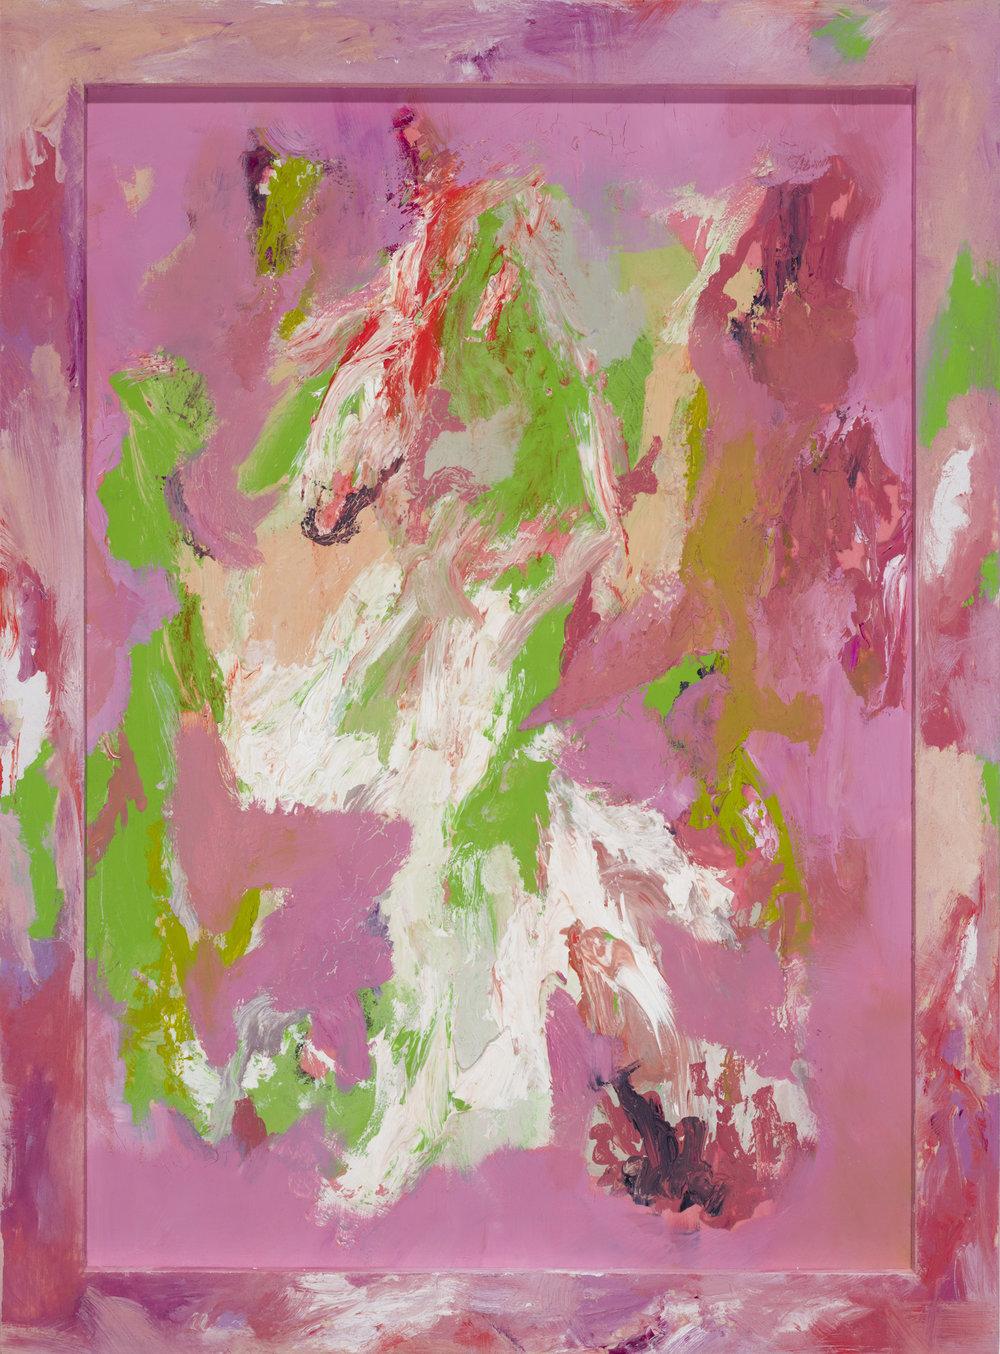 Artist Frame (für Bilder, die nicht aufhören wollen) , 2013  acrylic, oil on wood, lacquer on wood  46 × 34,4 cm